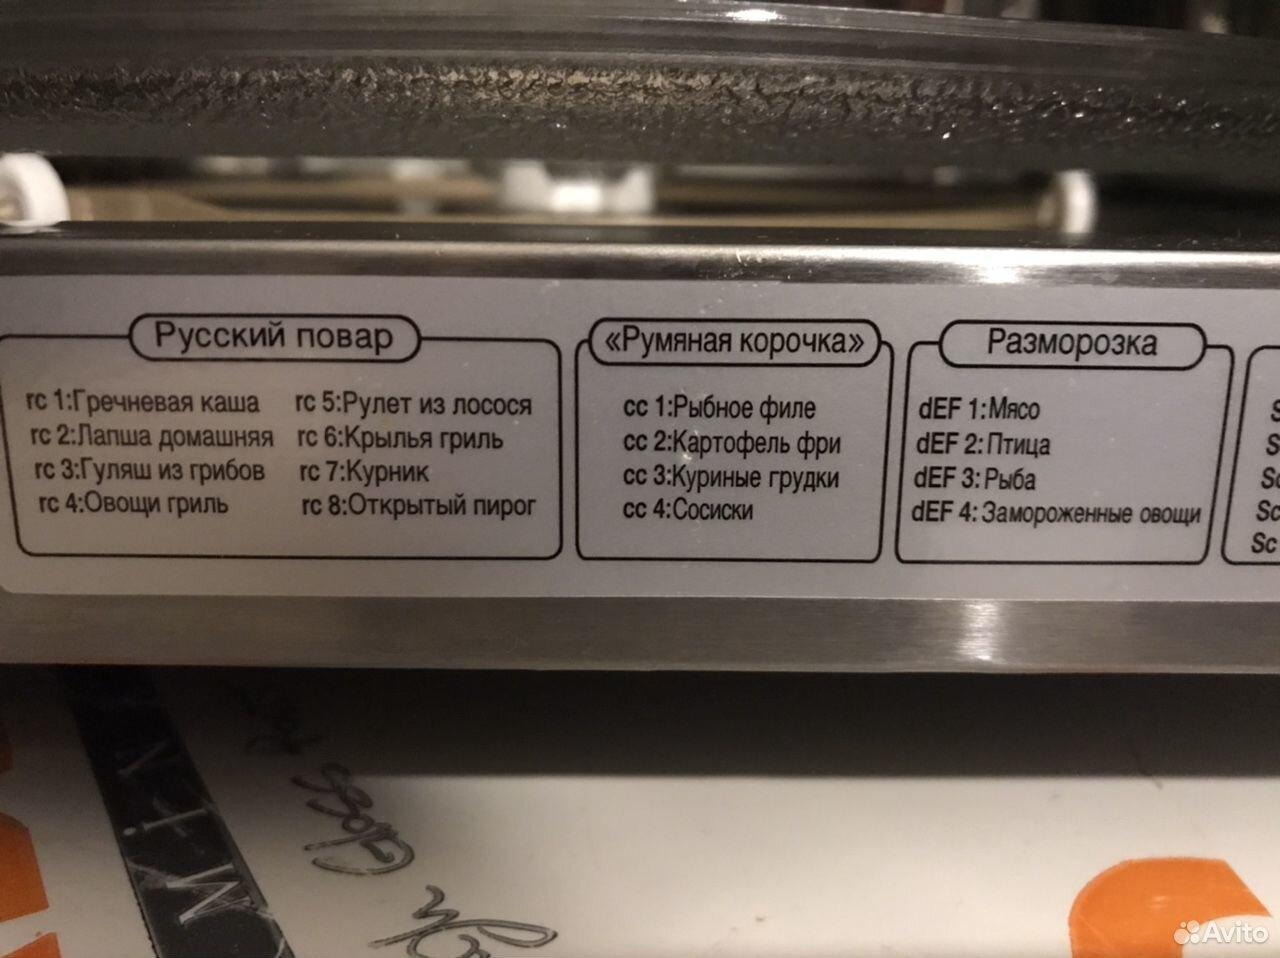 Микроволновая печь  89286750853 купить 4